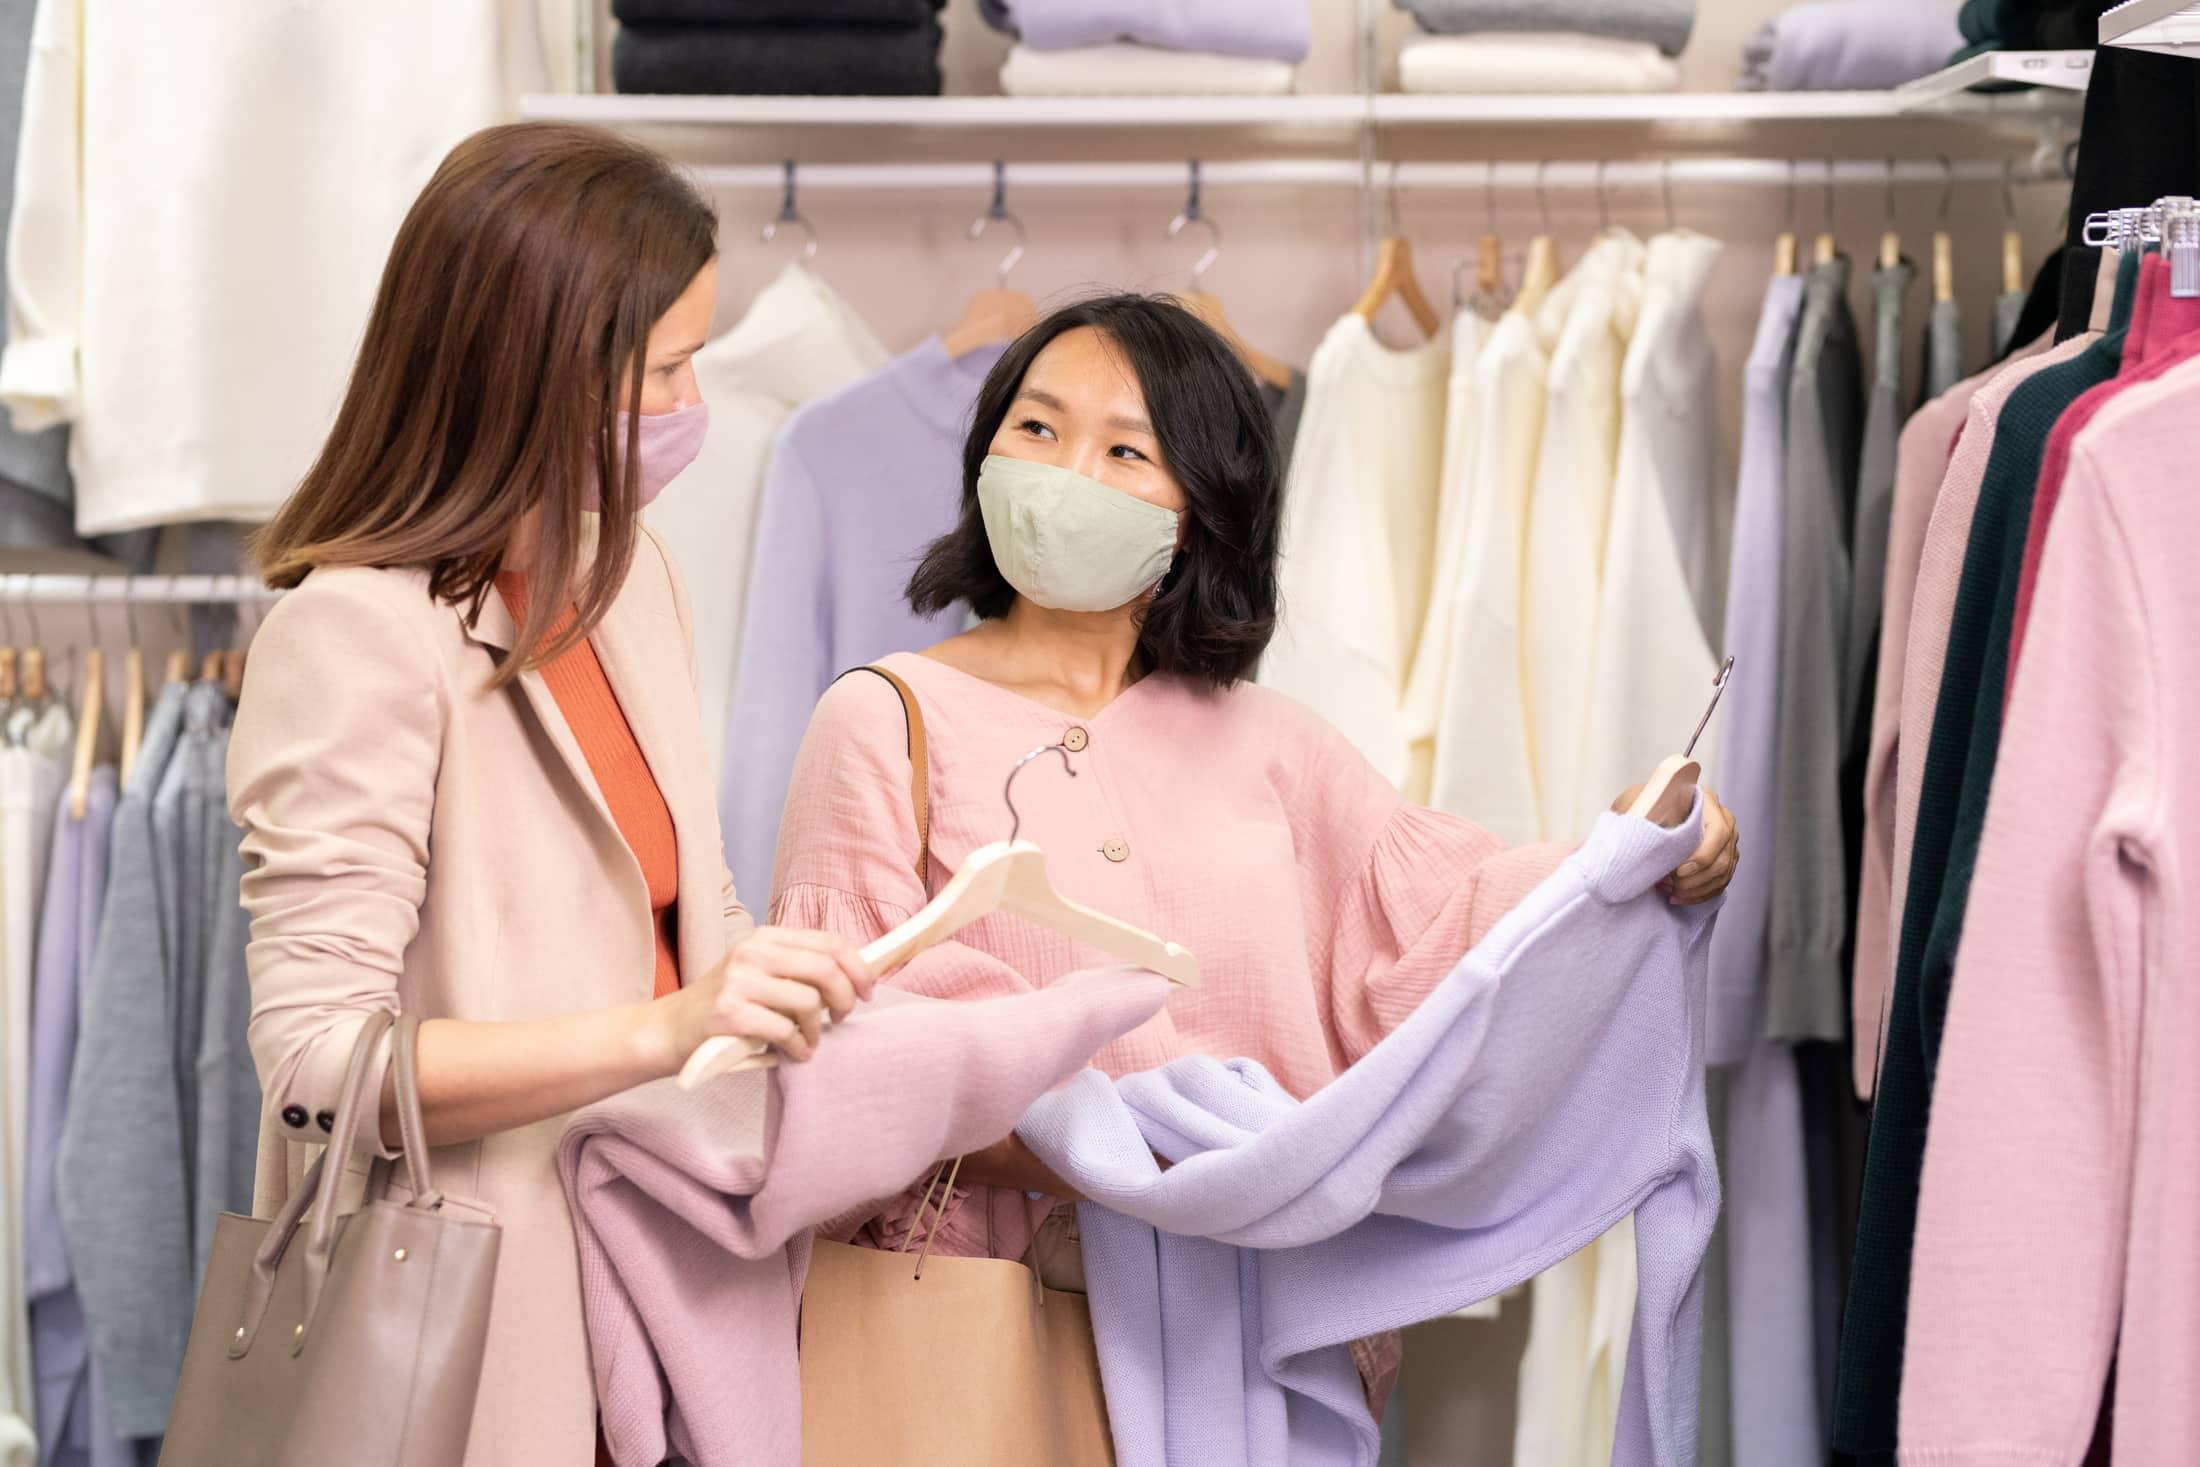 women shopping in store 857Q7ZP